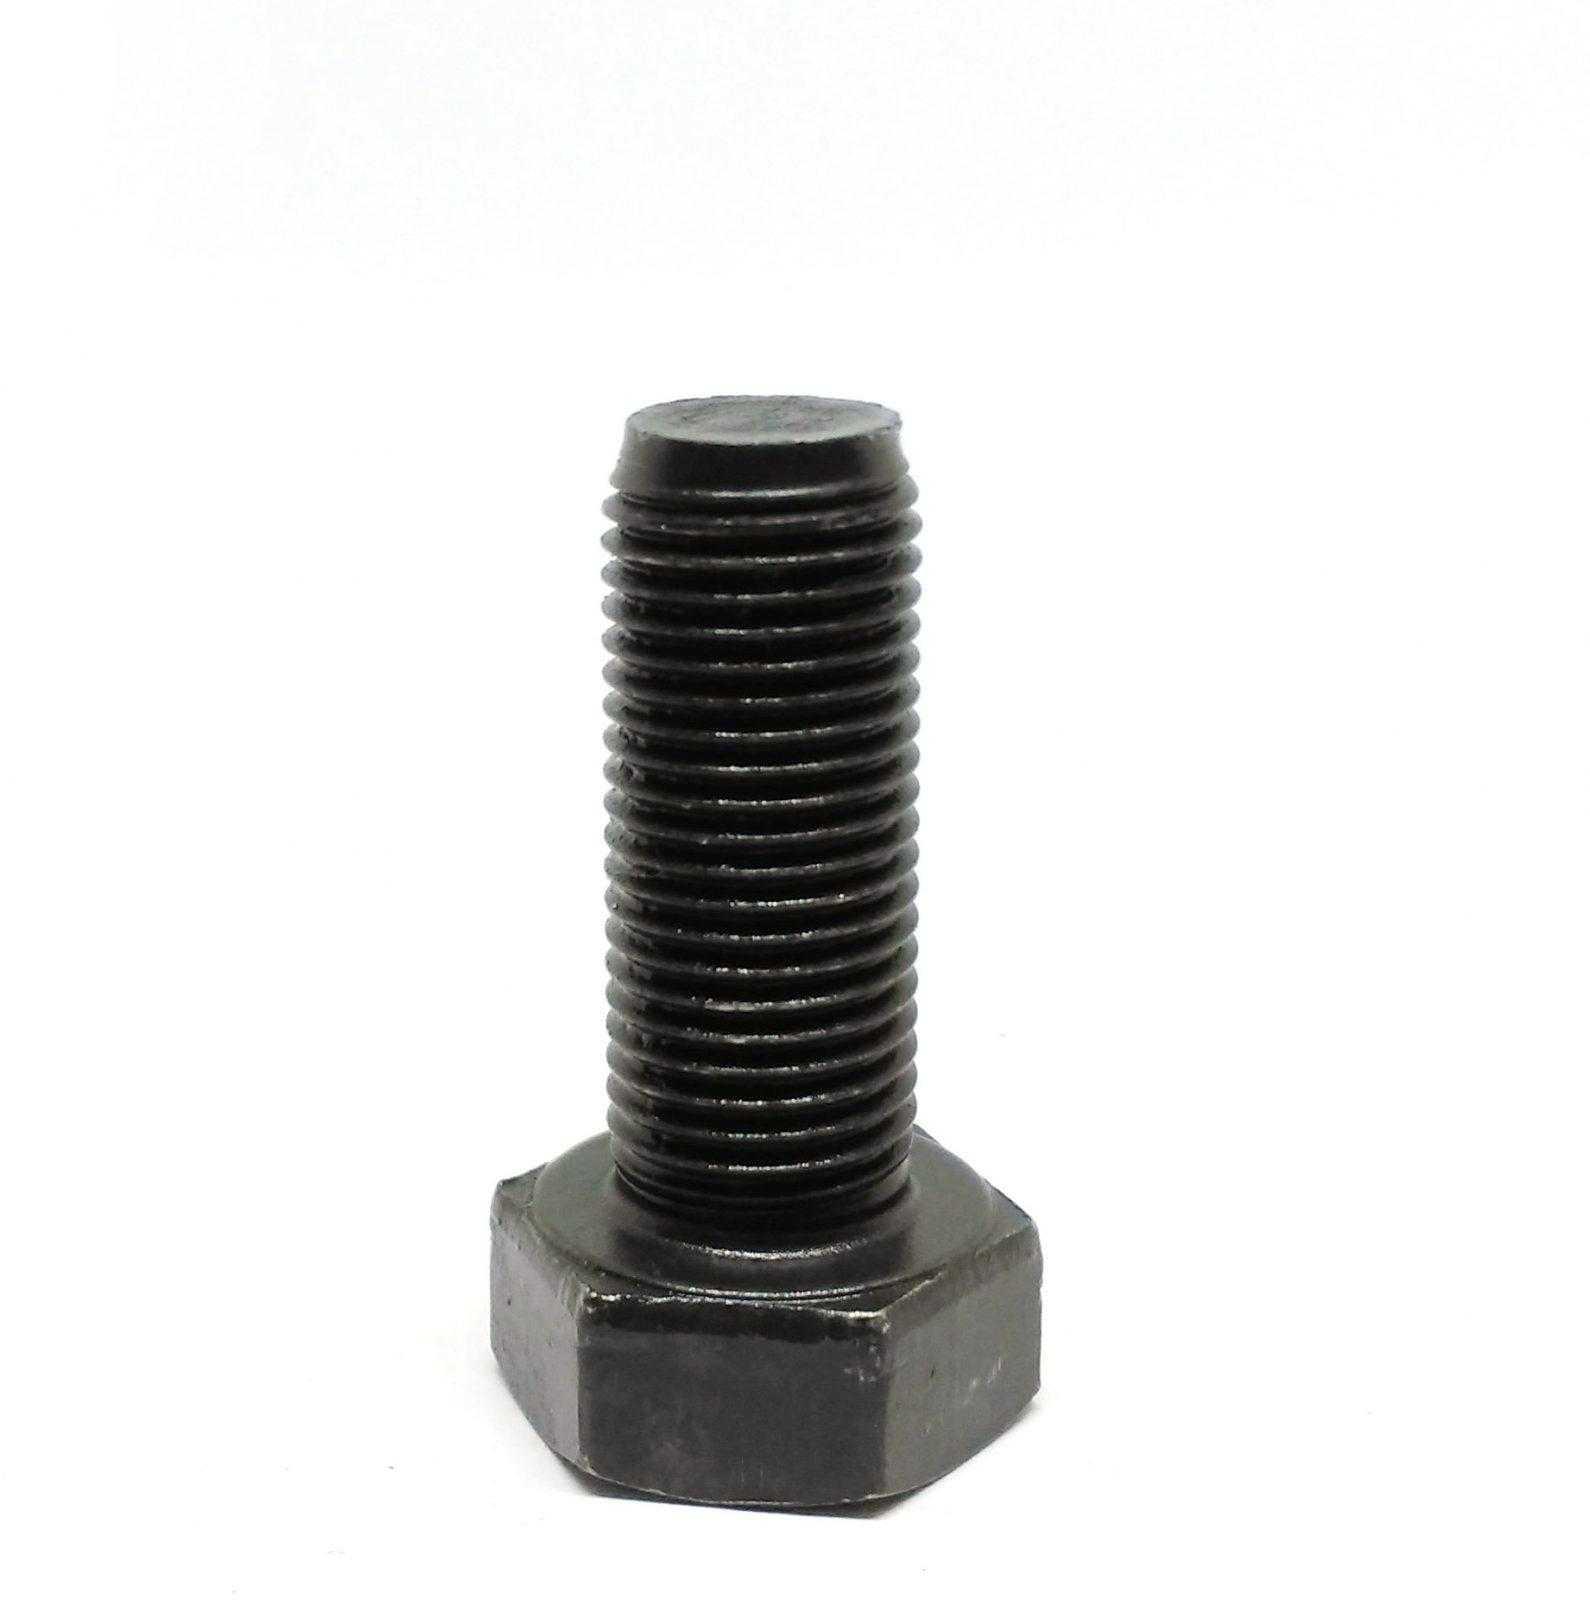 Болт с полной резьбой M12 x 30 x 1.25 - 10.9 чёрный